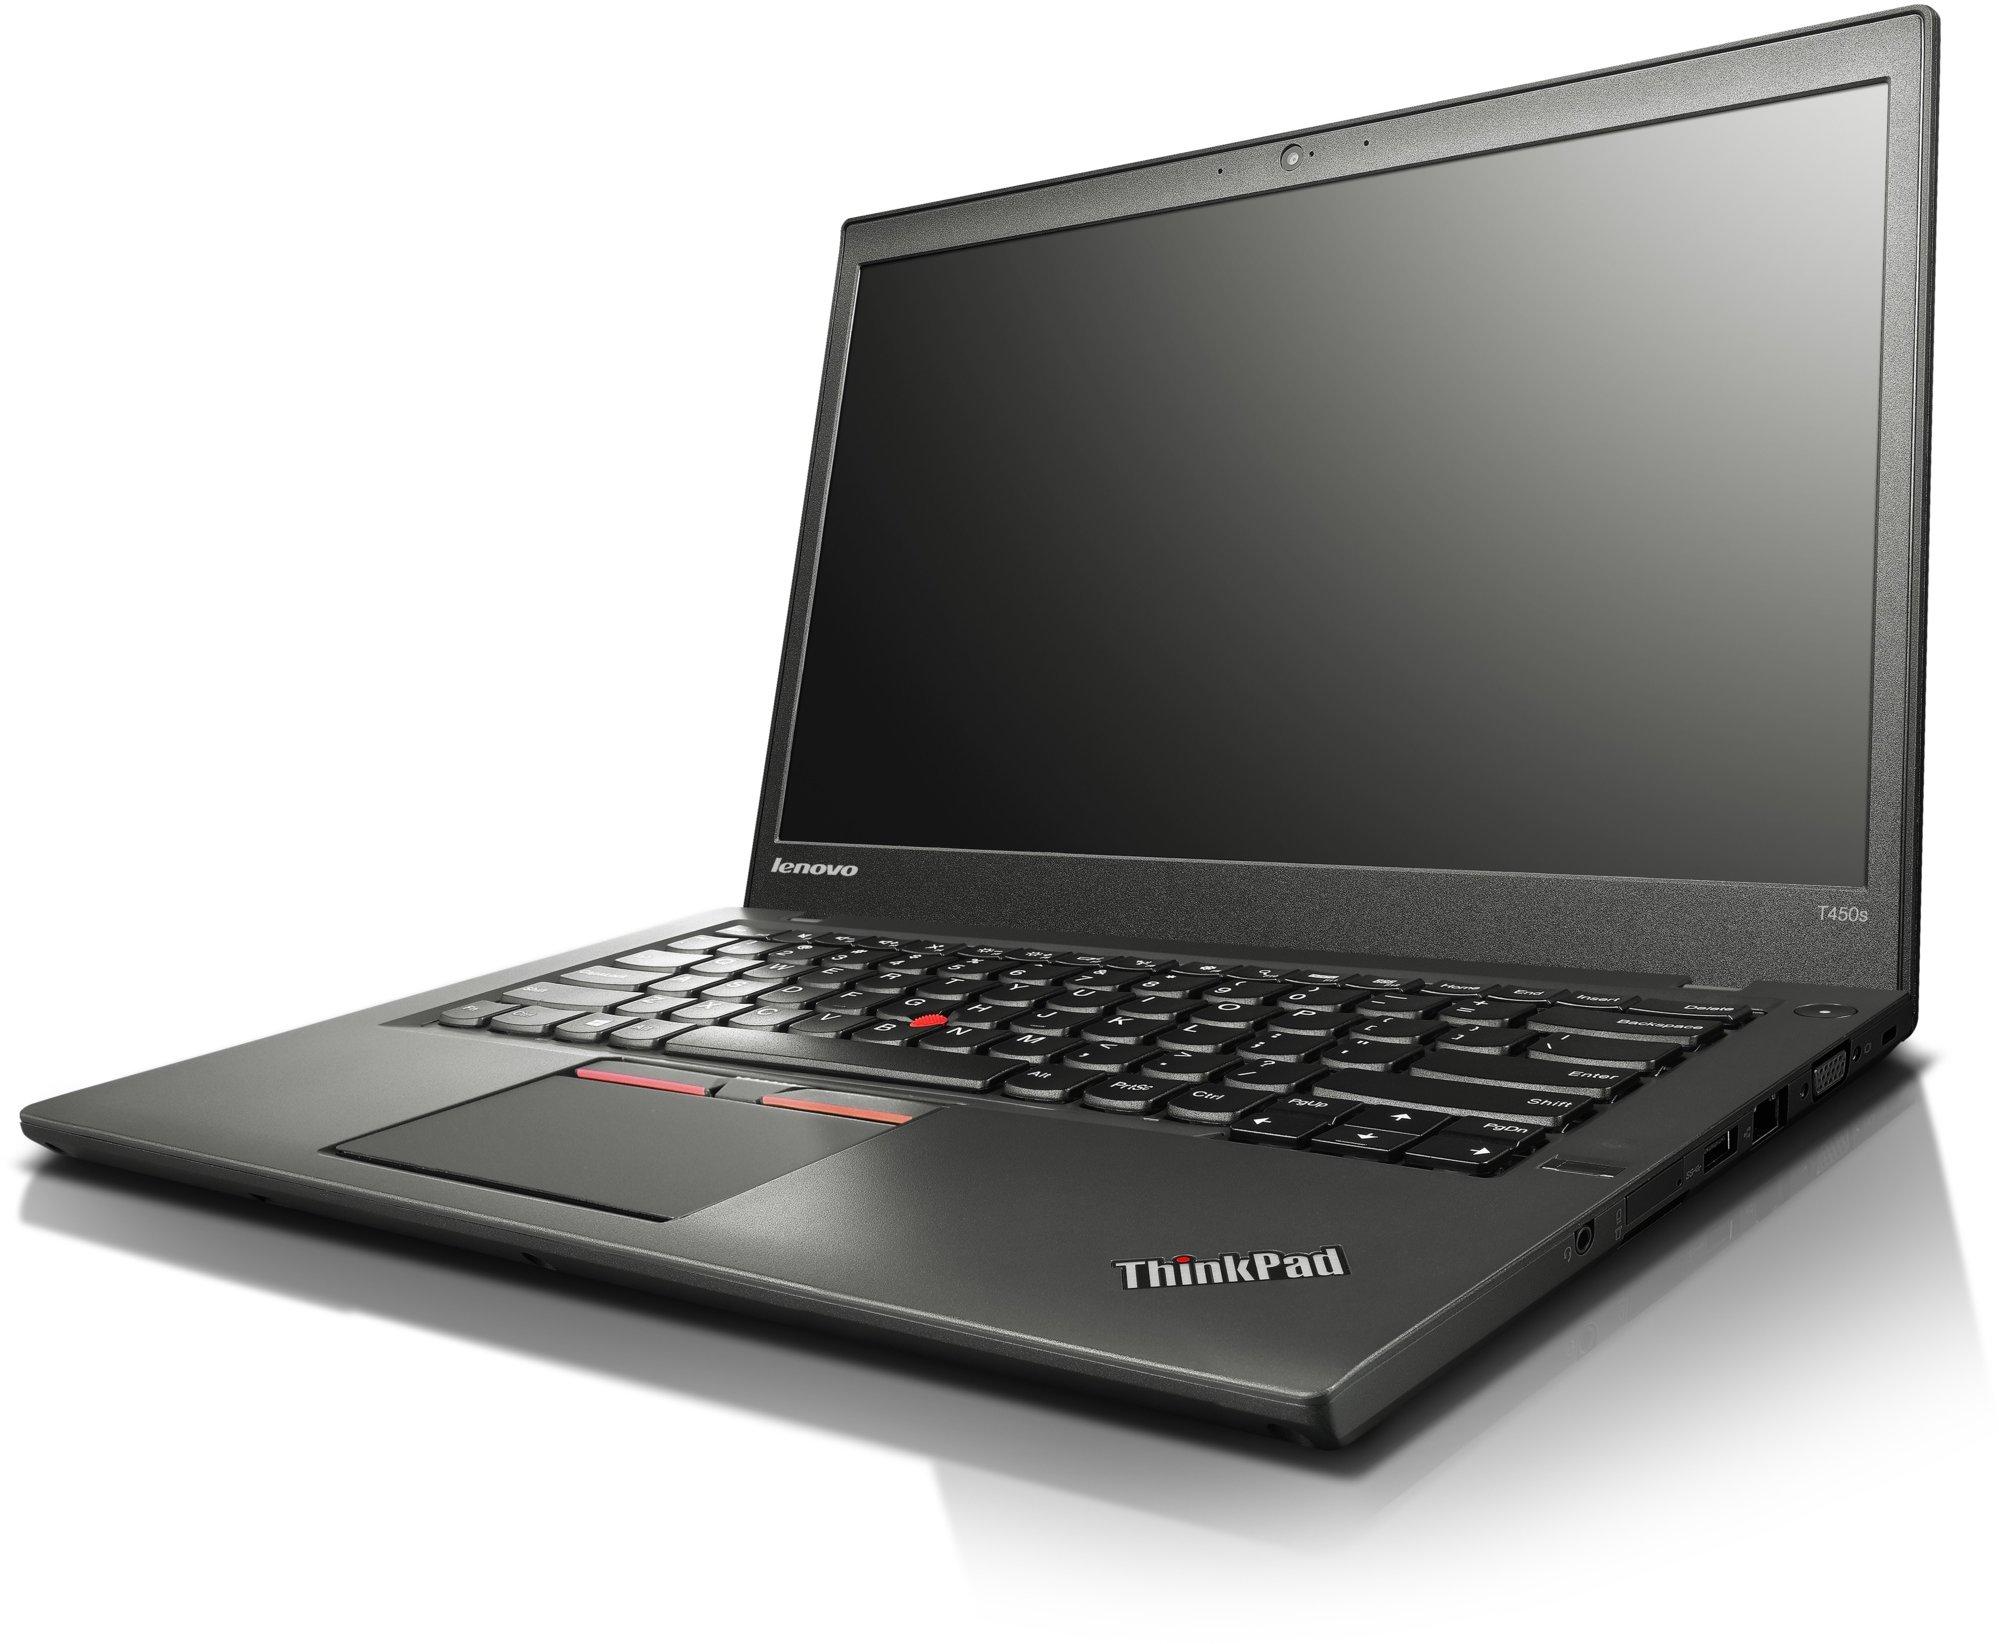 Lenovo ThinkPad T450s